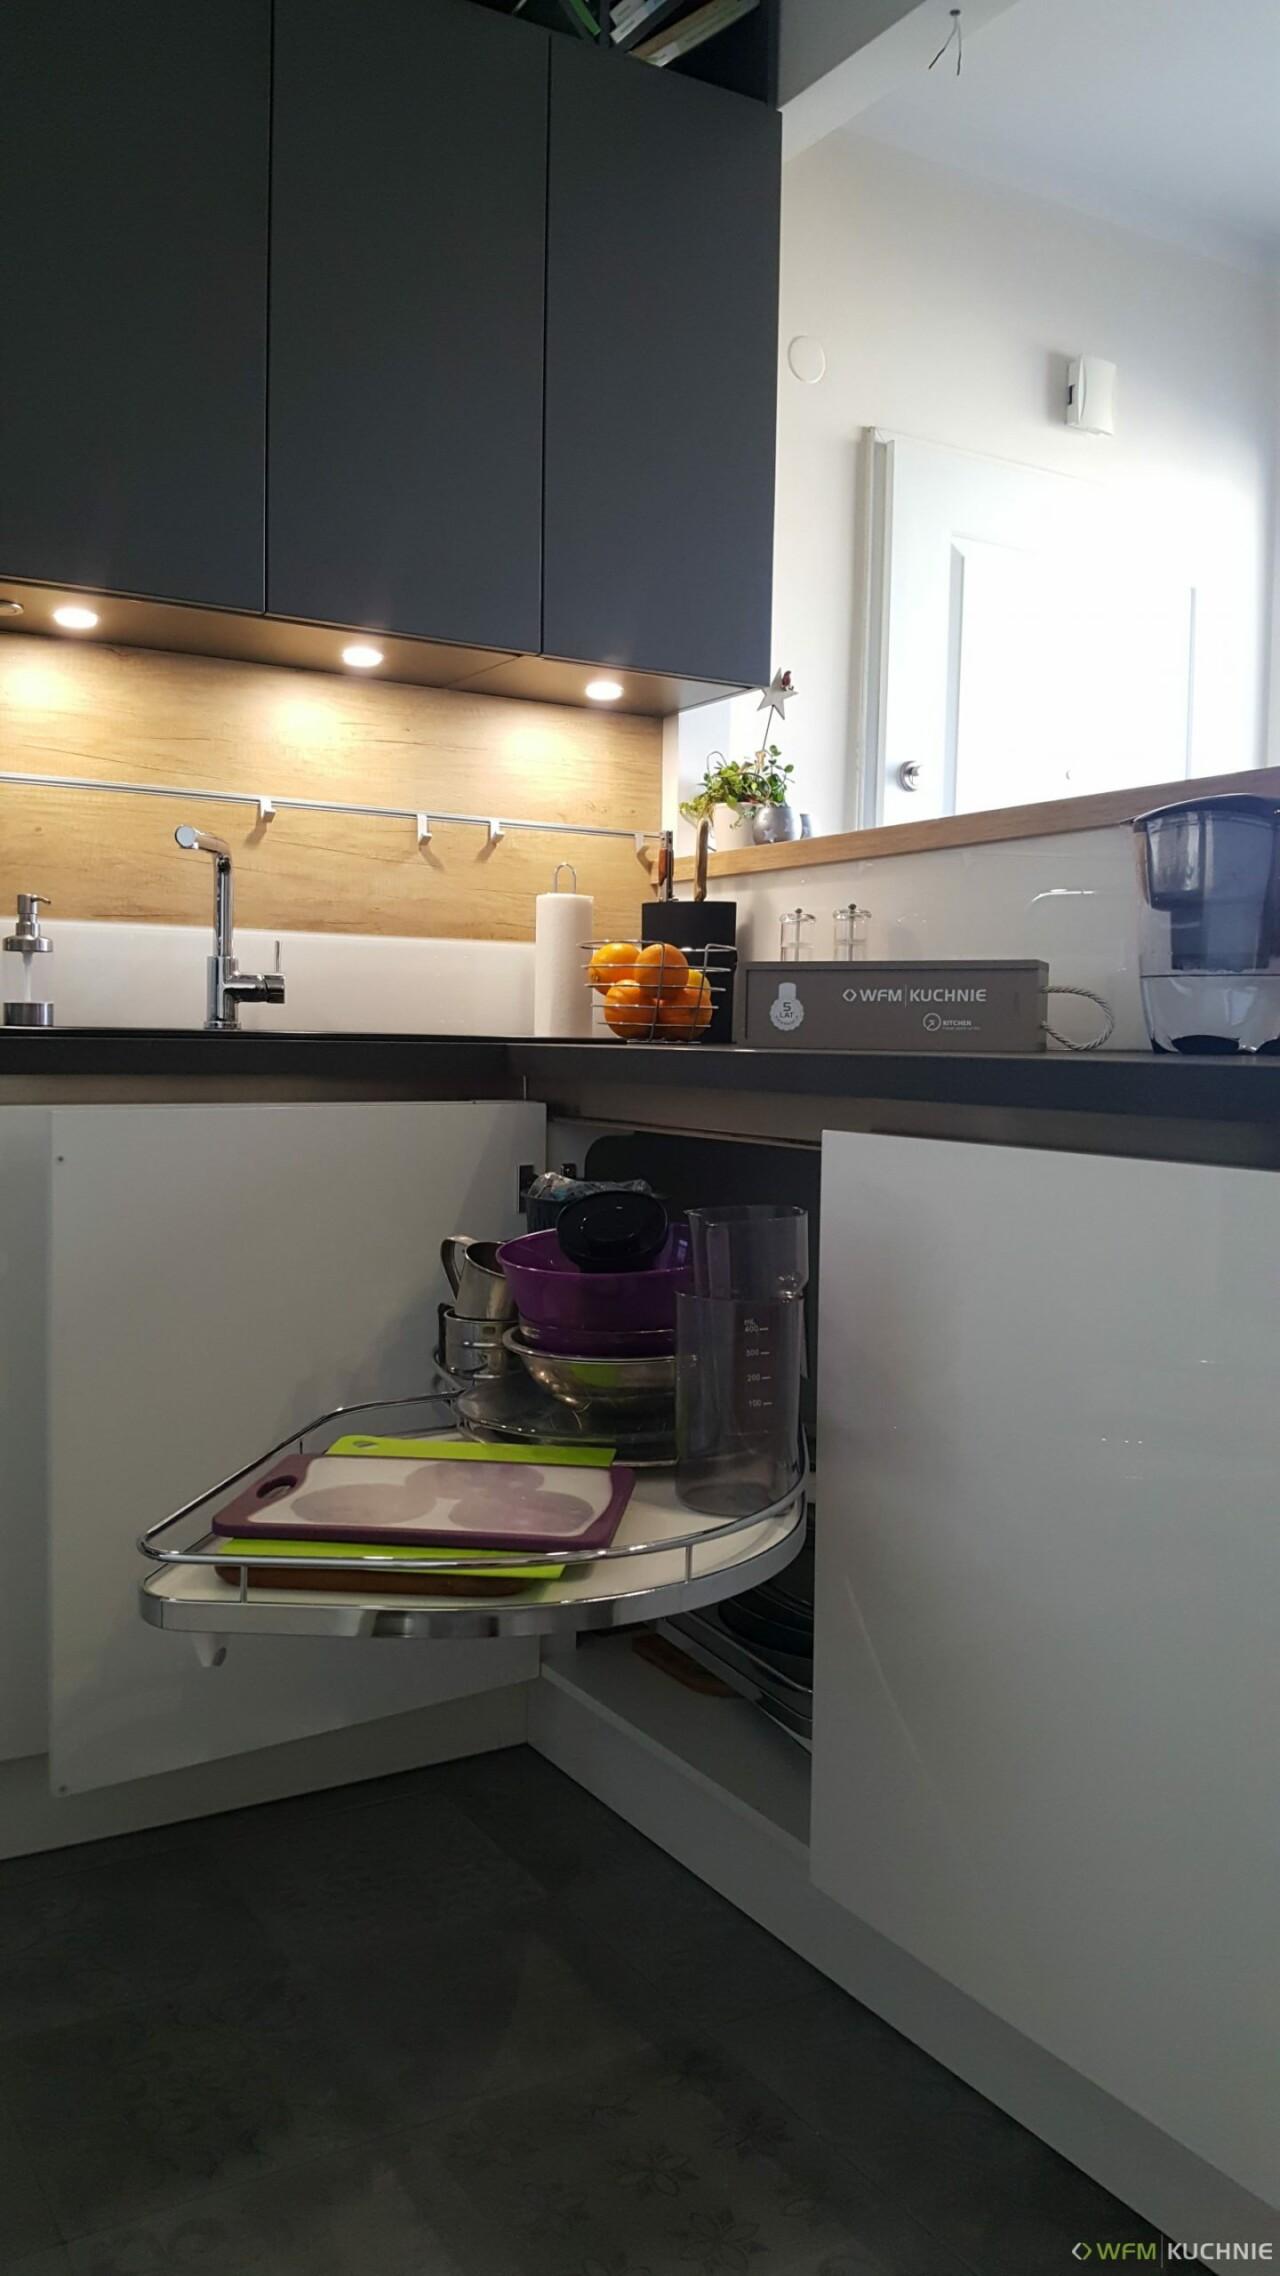 Kuchnia WFM CALMA biały połysk P101 - Kuchnie na wymiar, meble kuchenne Kraków - WFM KUCHNIE Kraków